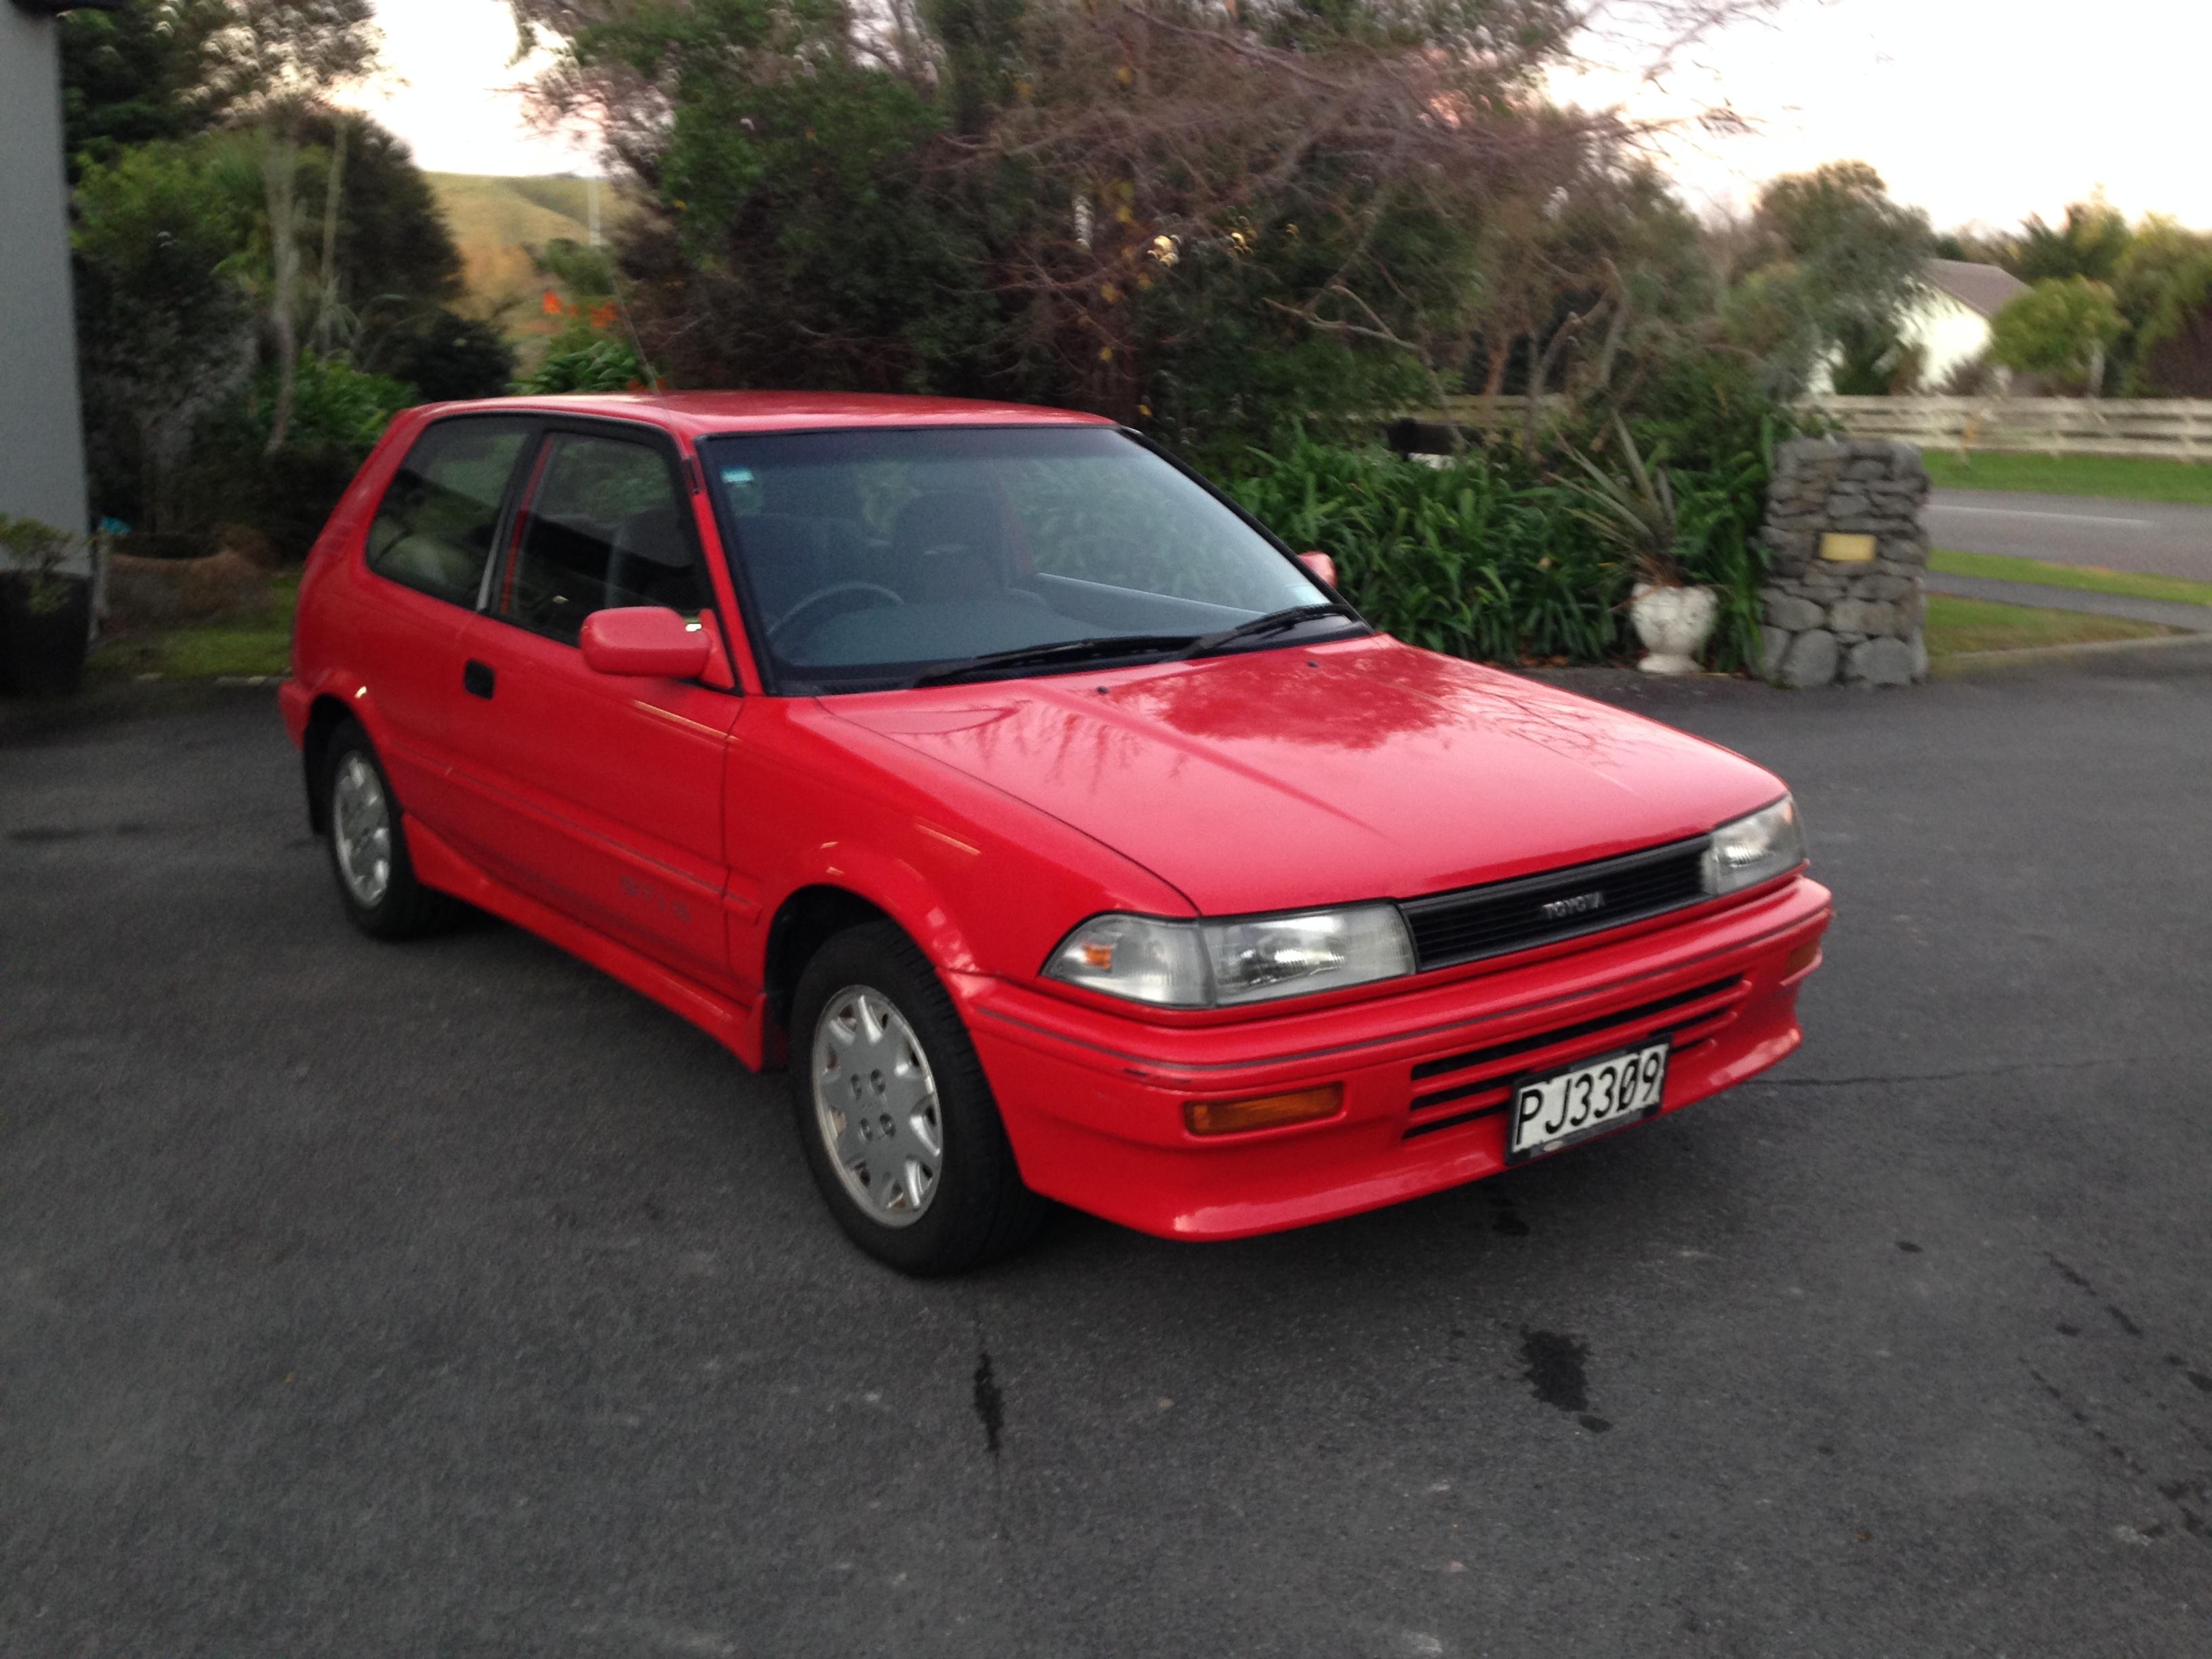 Kelebihan Kekurangan Toyota Corolla 1990 Harga